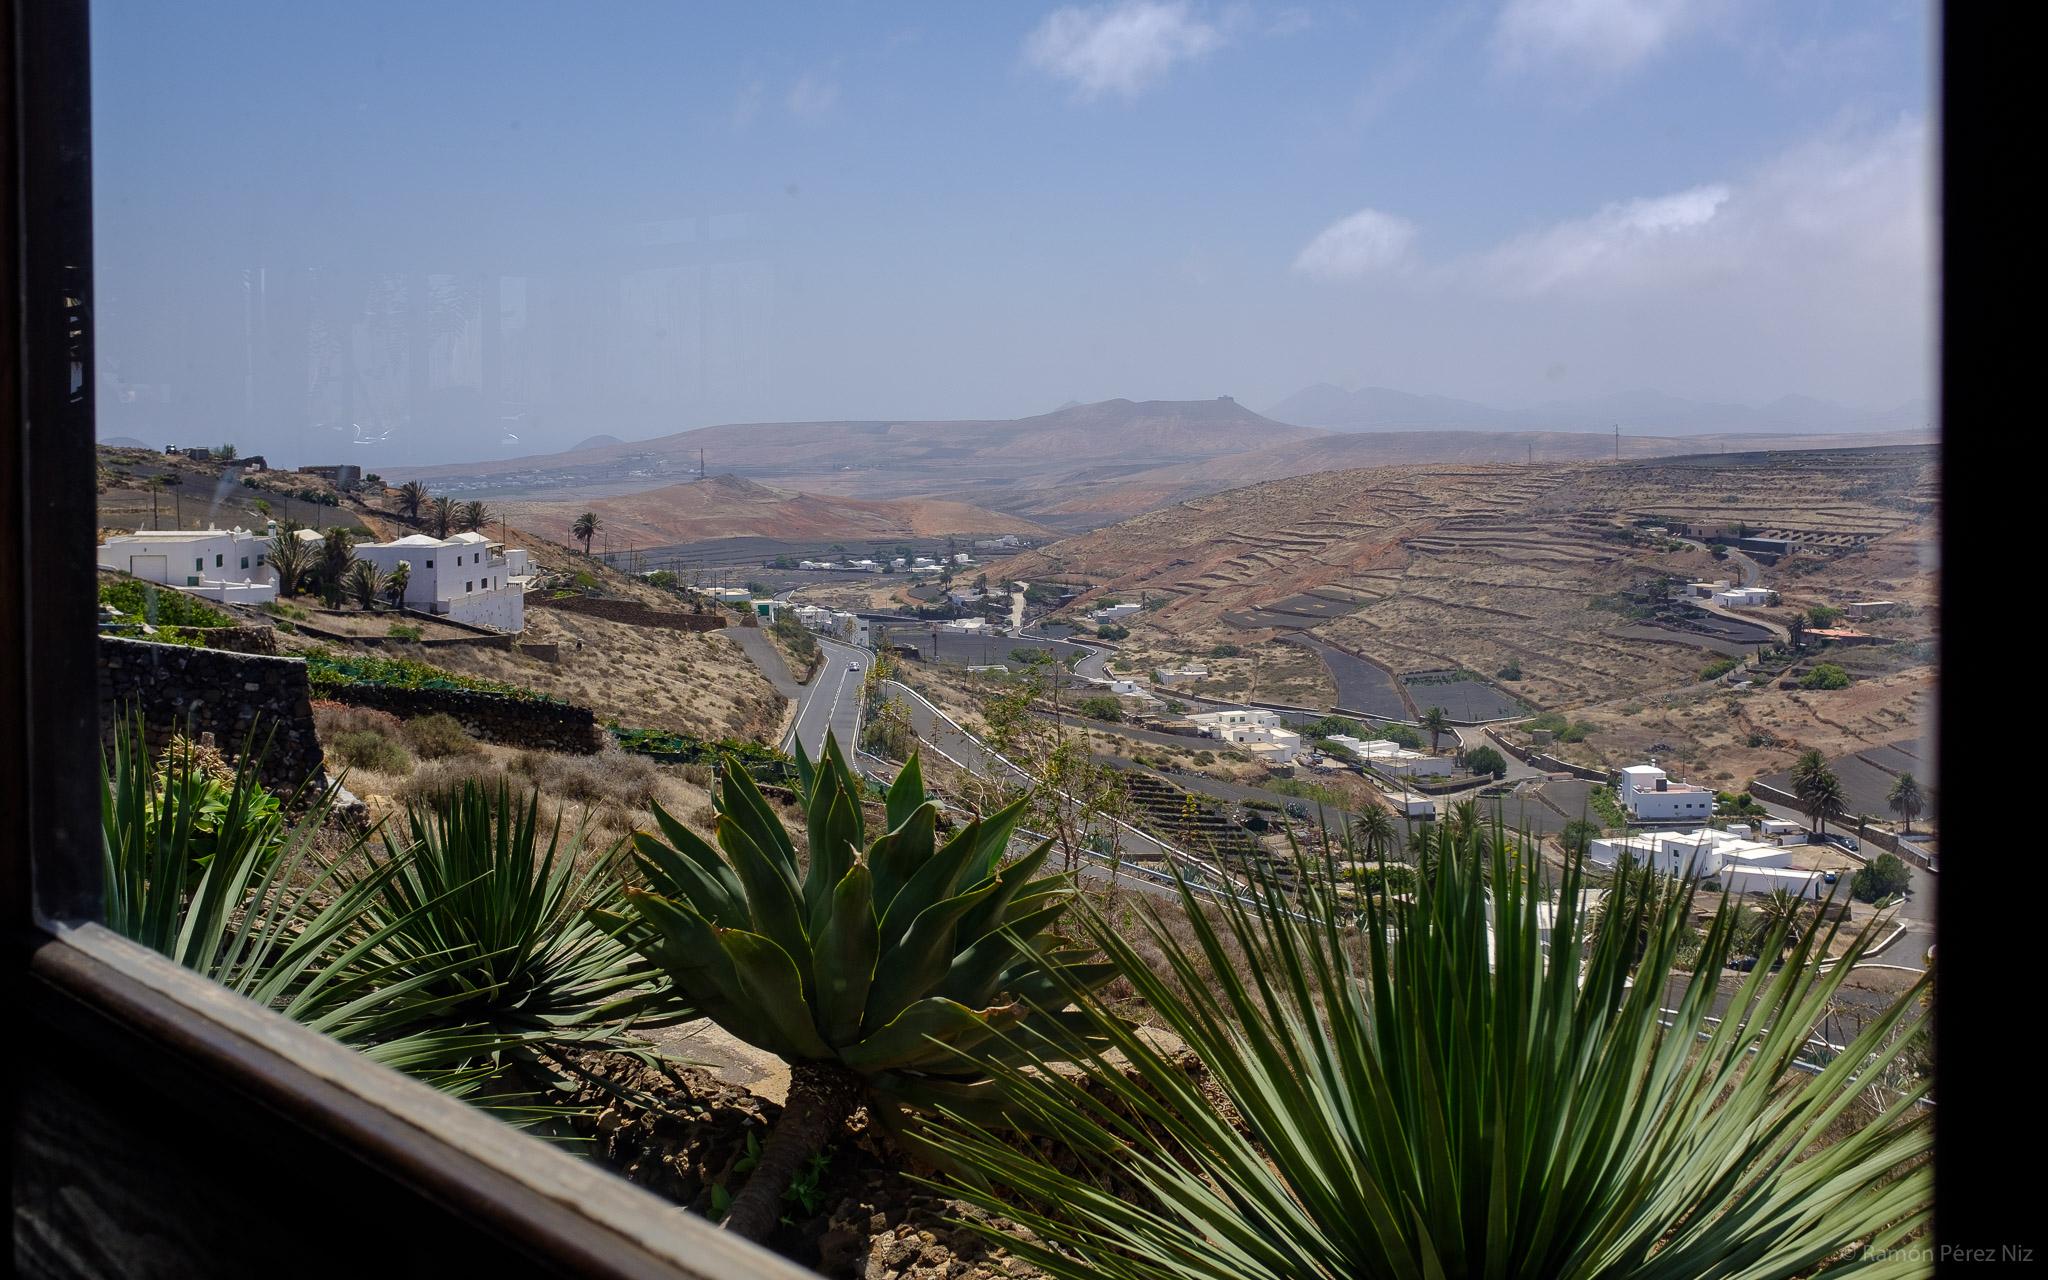 Foto de Ramón Pérez Niz en Mirador de Los Valles